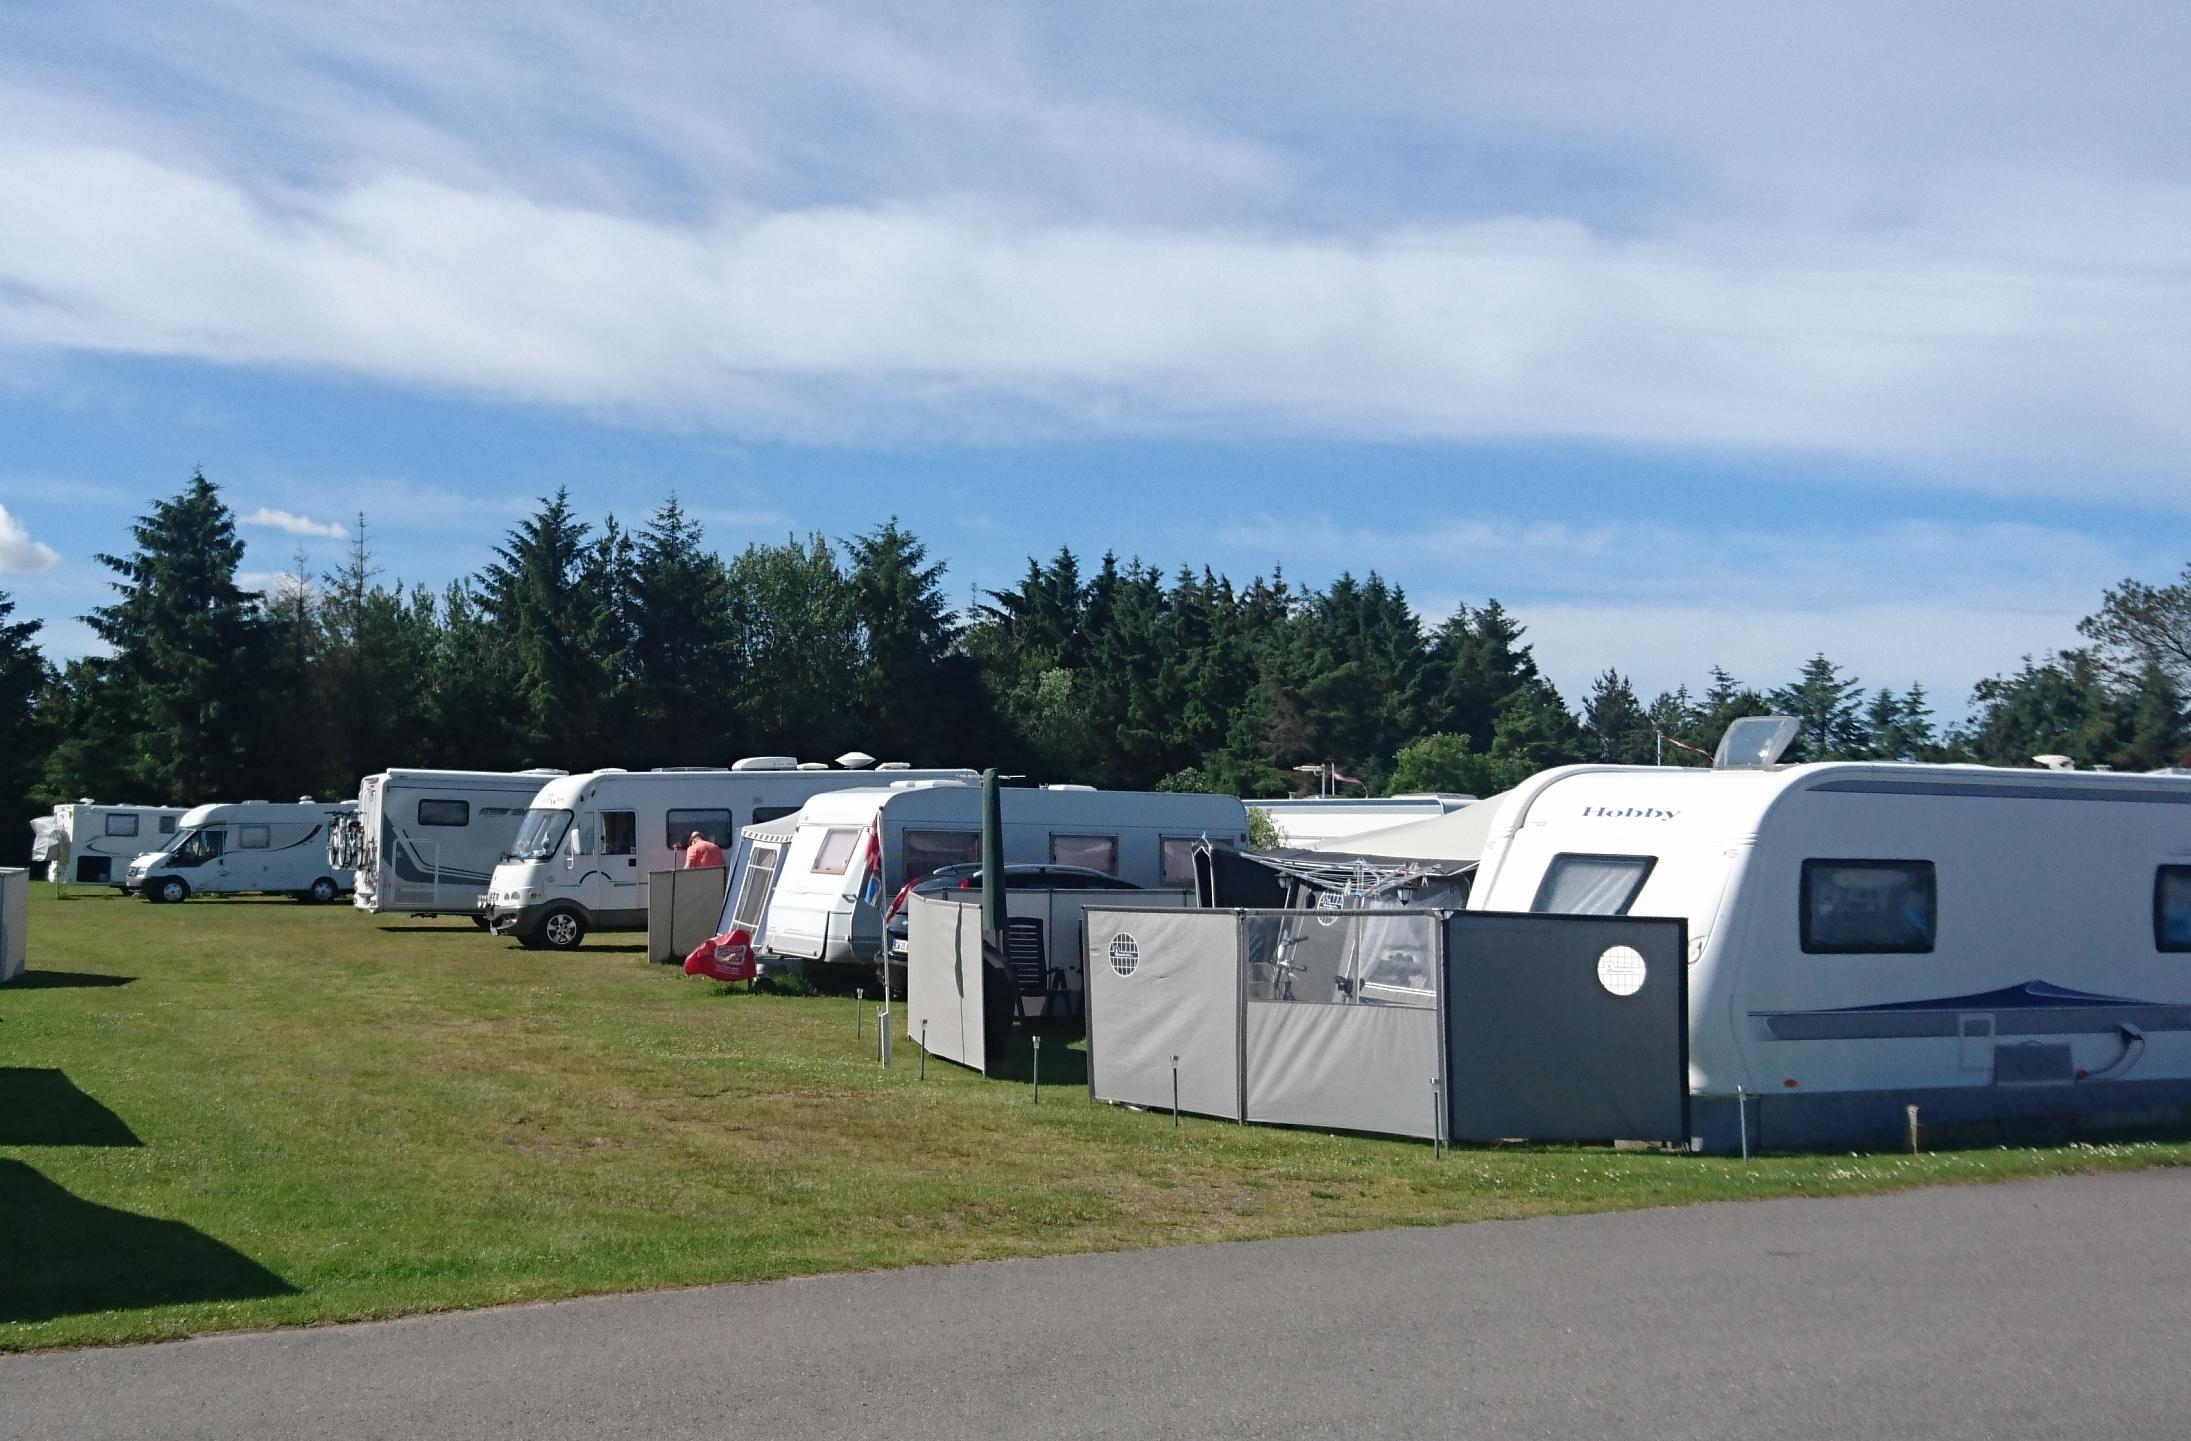 Landsforeningen af privatdrevne campingpladser i Danmark, DK-CAMP, har overtrådt konkurrenceloven. Det har nu udløst en bøde på 300.000 kroner fra Bagmandspolitiet og Konkurrence- og Forbrugerstyrelsen. Pressefoto: DK-Camp.